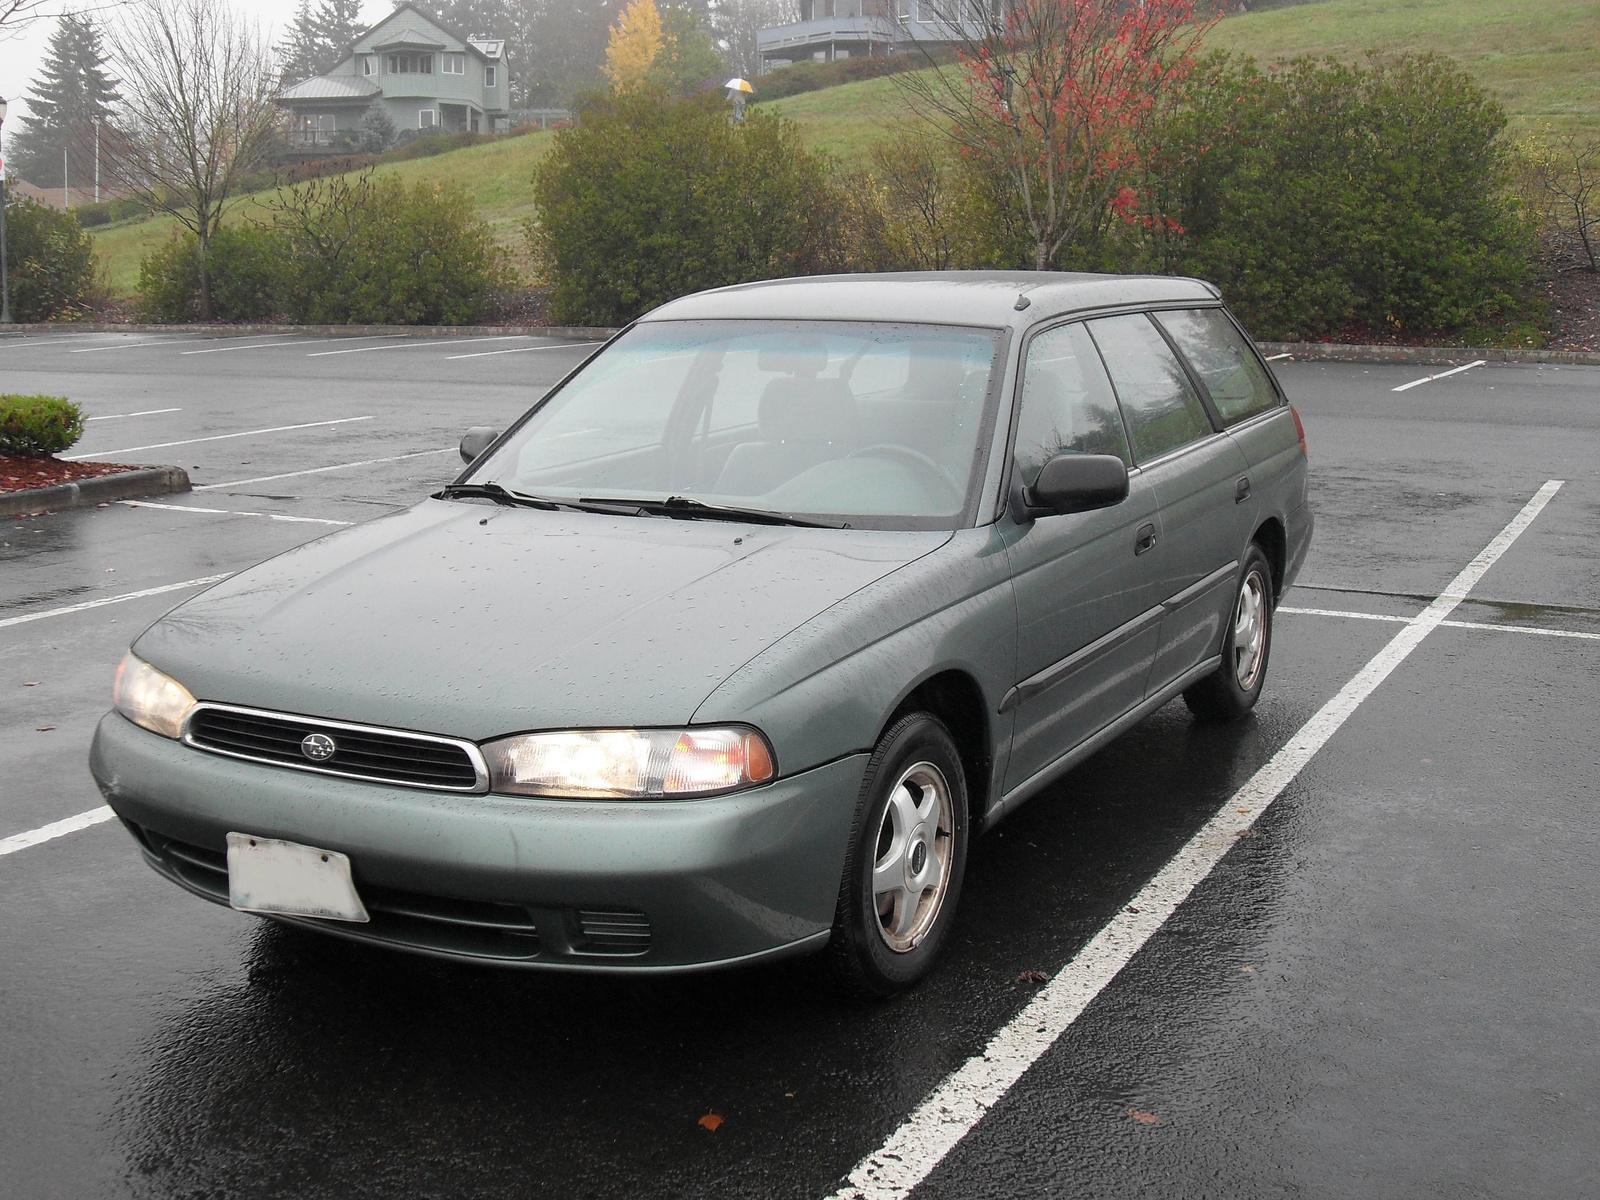 1996 Subaru Legacy - Exterior Pictures - CarGurus   1996 Subaru Legacy